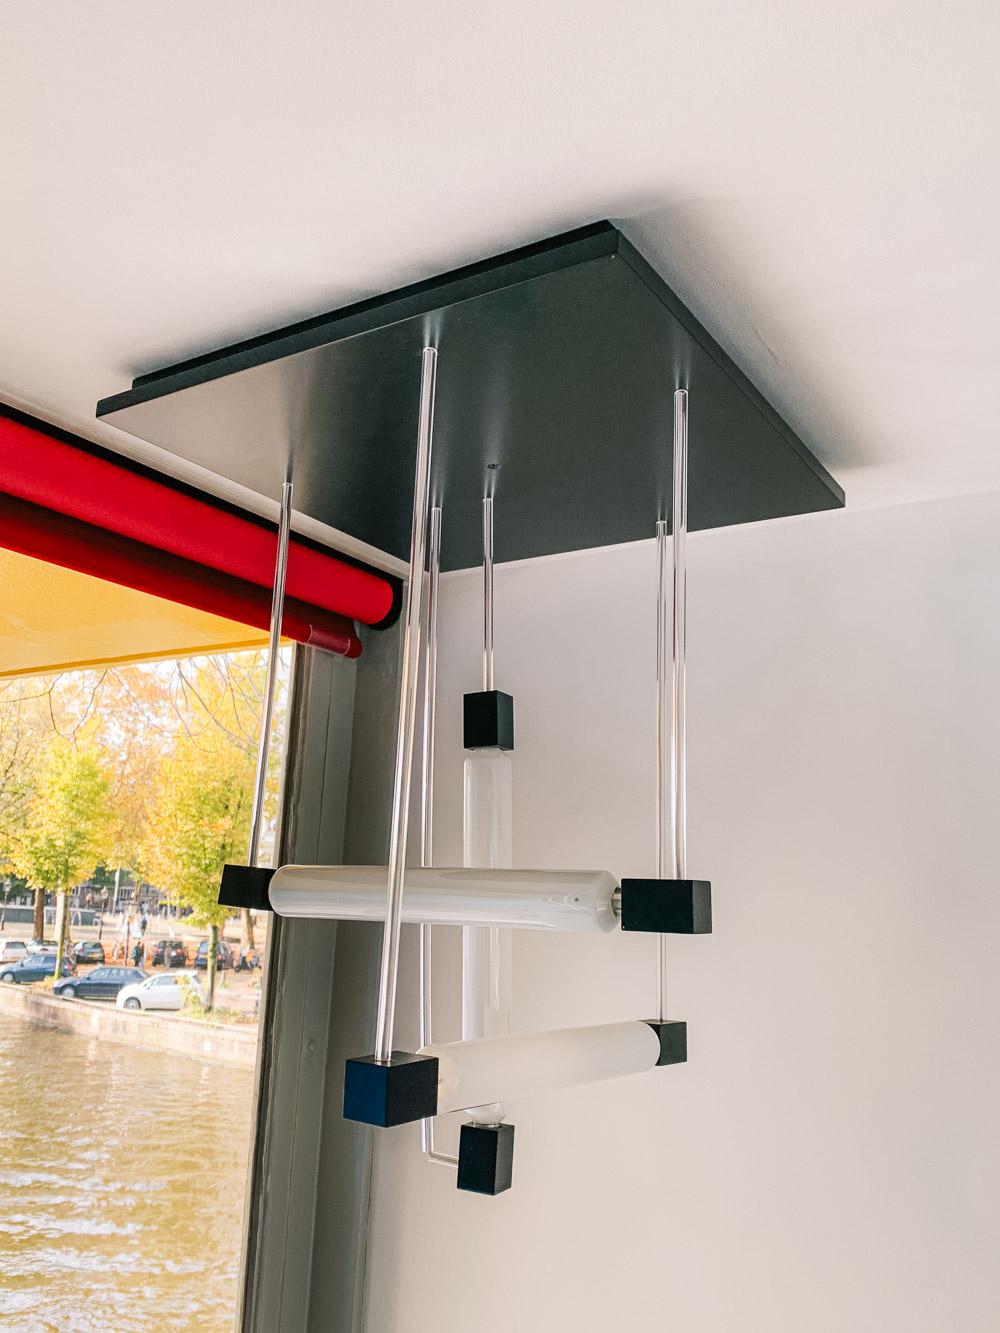 brugwachtershuisje amsterdam rietveld-2